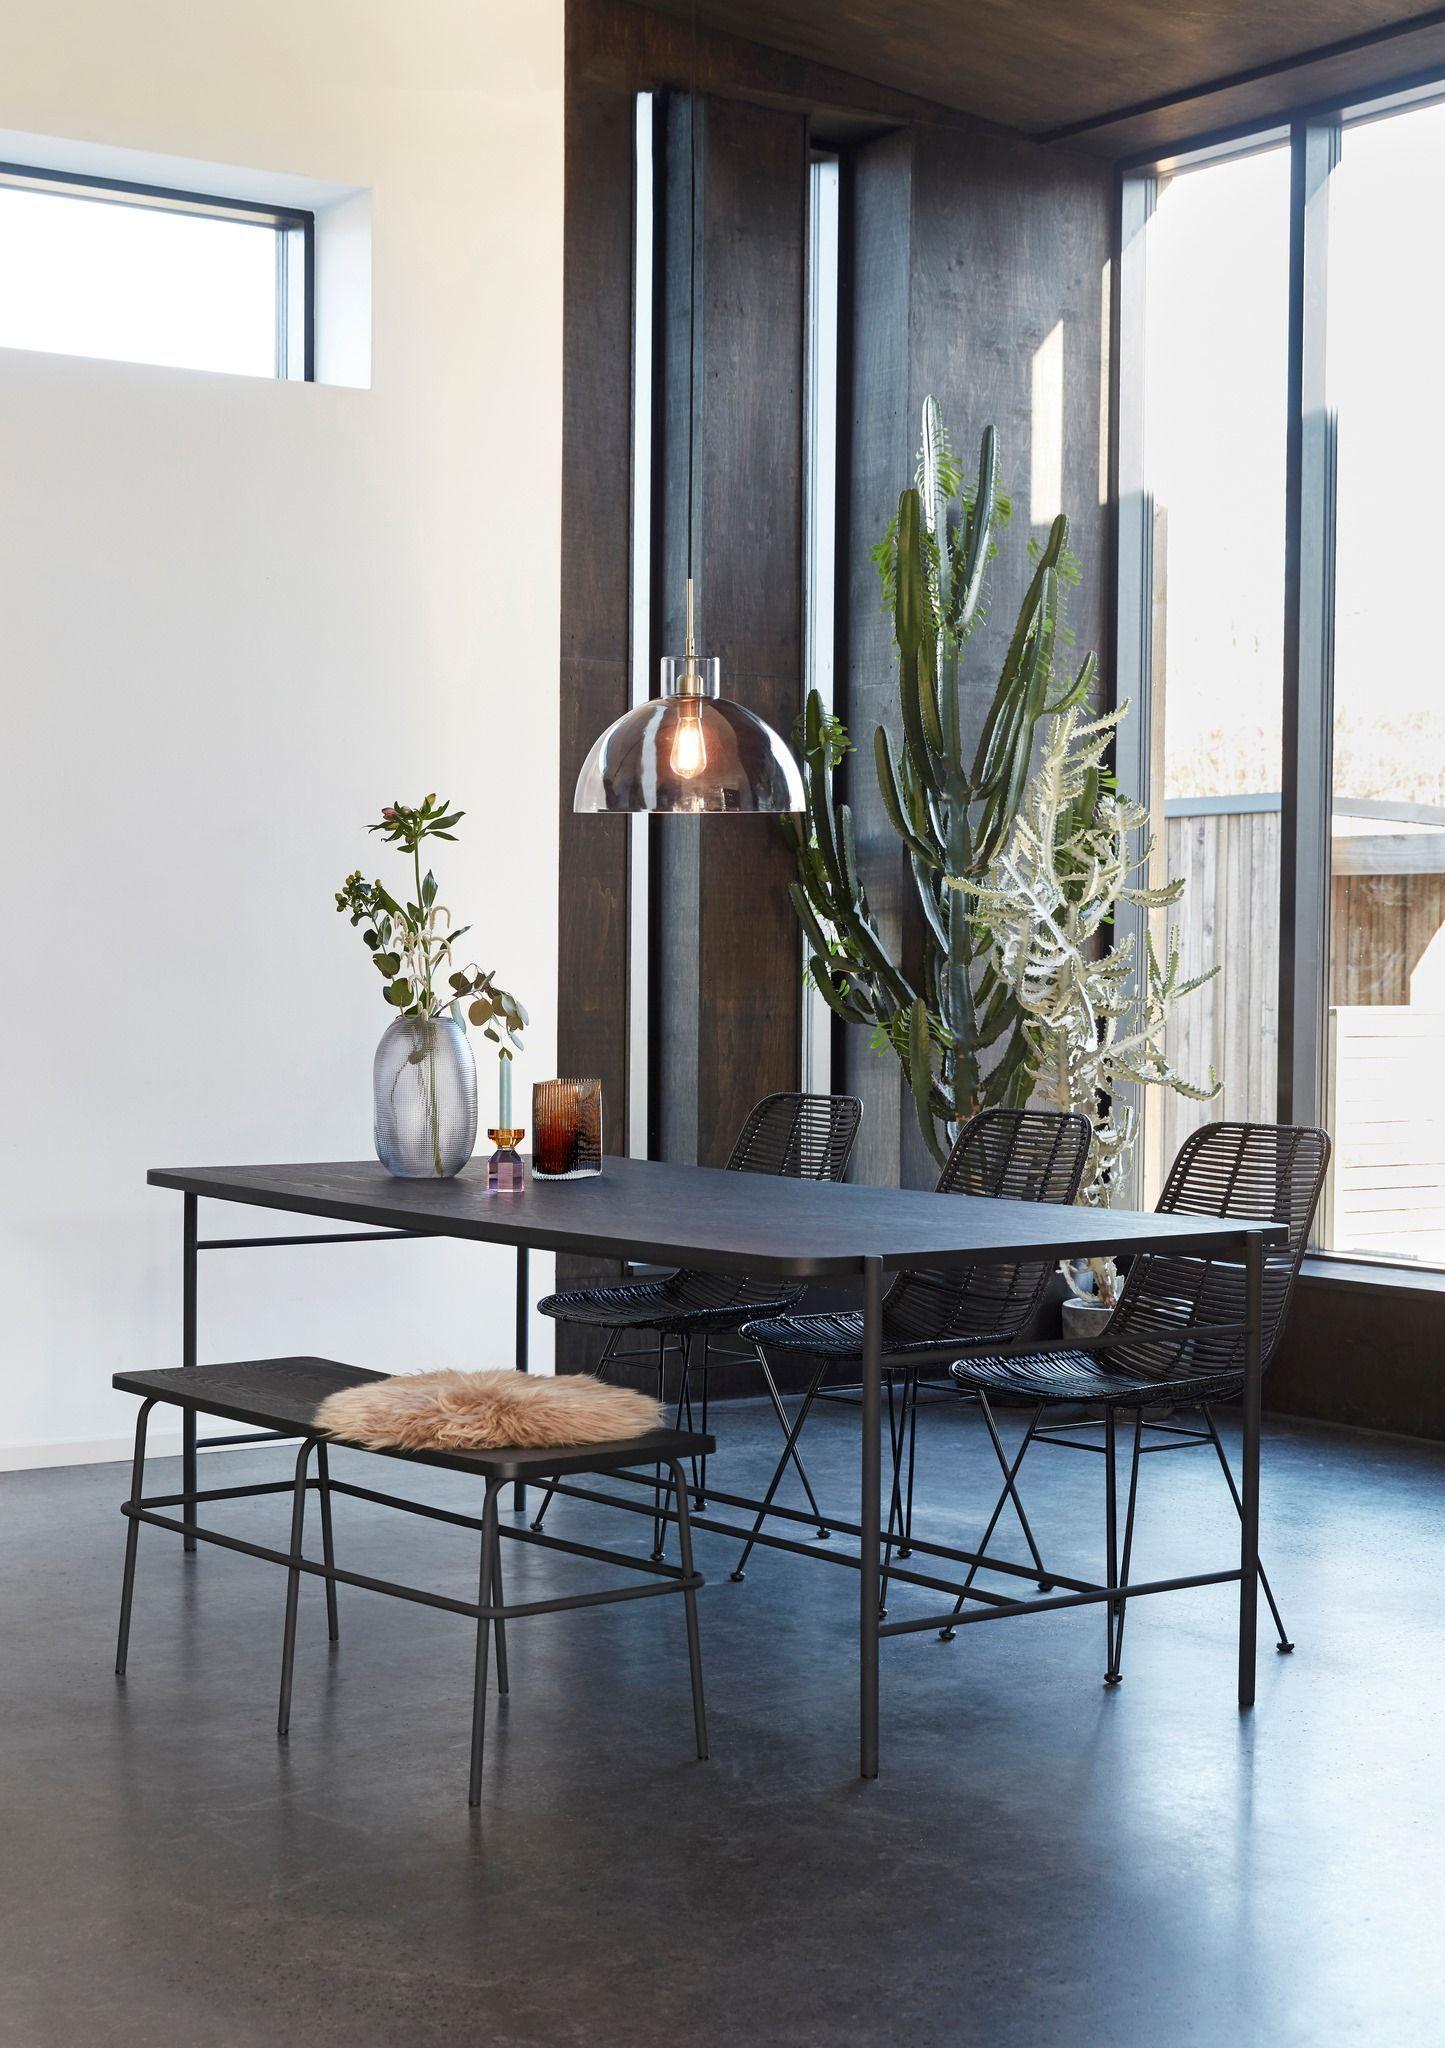 Salle à manger design #salleamangercocooning A la fois élément déco et siège multiple, le banc offre une atmosphère toute particulière à table, comme une réminiscence de nos années d'école. Une jolie façon d'aménager la convivialité et la complicité autour de sa table à manger.   #style #fashion #design #homedesign #interiordesign #decor #homedecor #livingroomdecor #scandinavian #homesweethome #luxury #architecturephotography  #elegance #cocooning #sofabed #architect #archite #salleamangercocooning